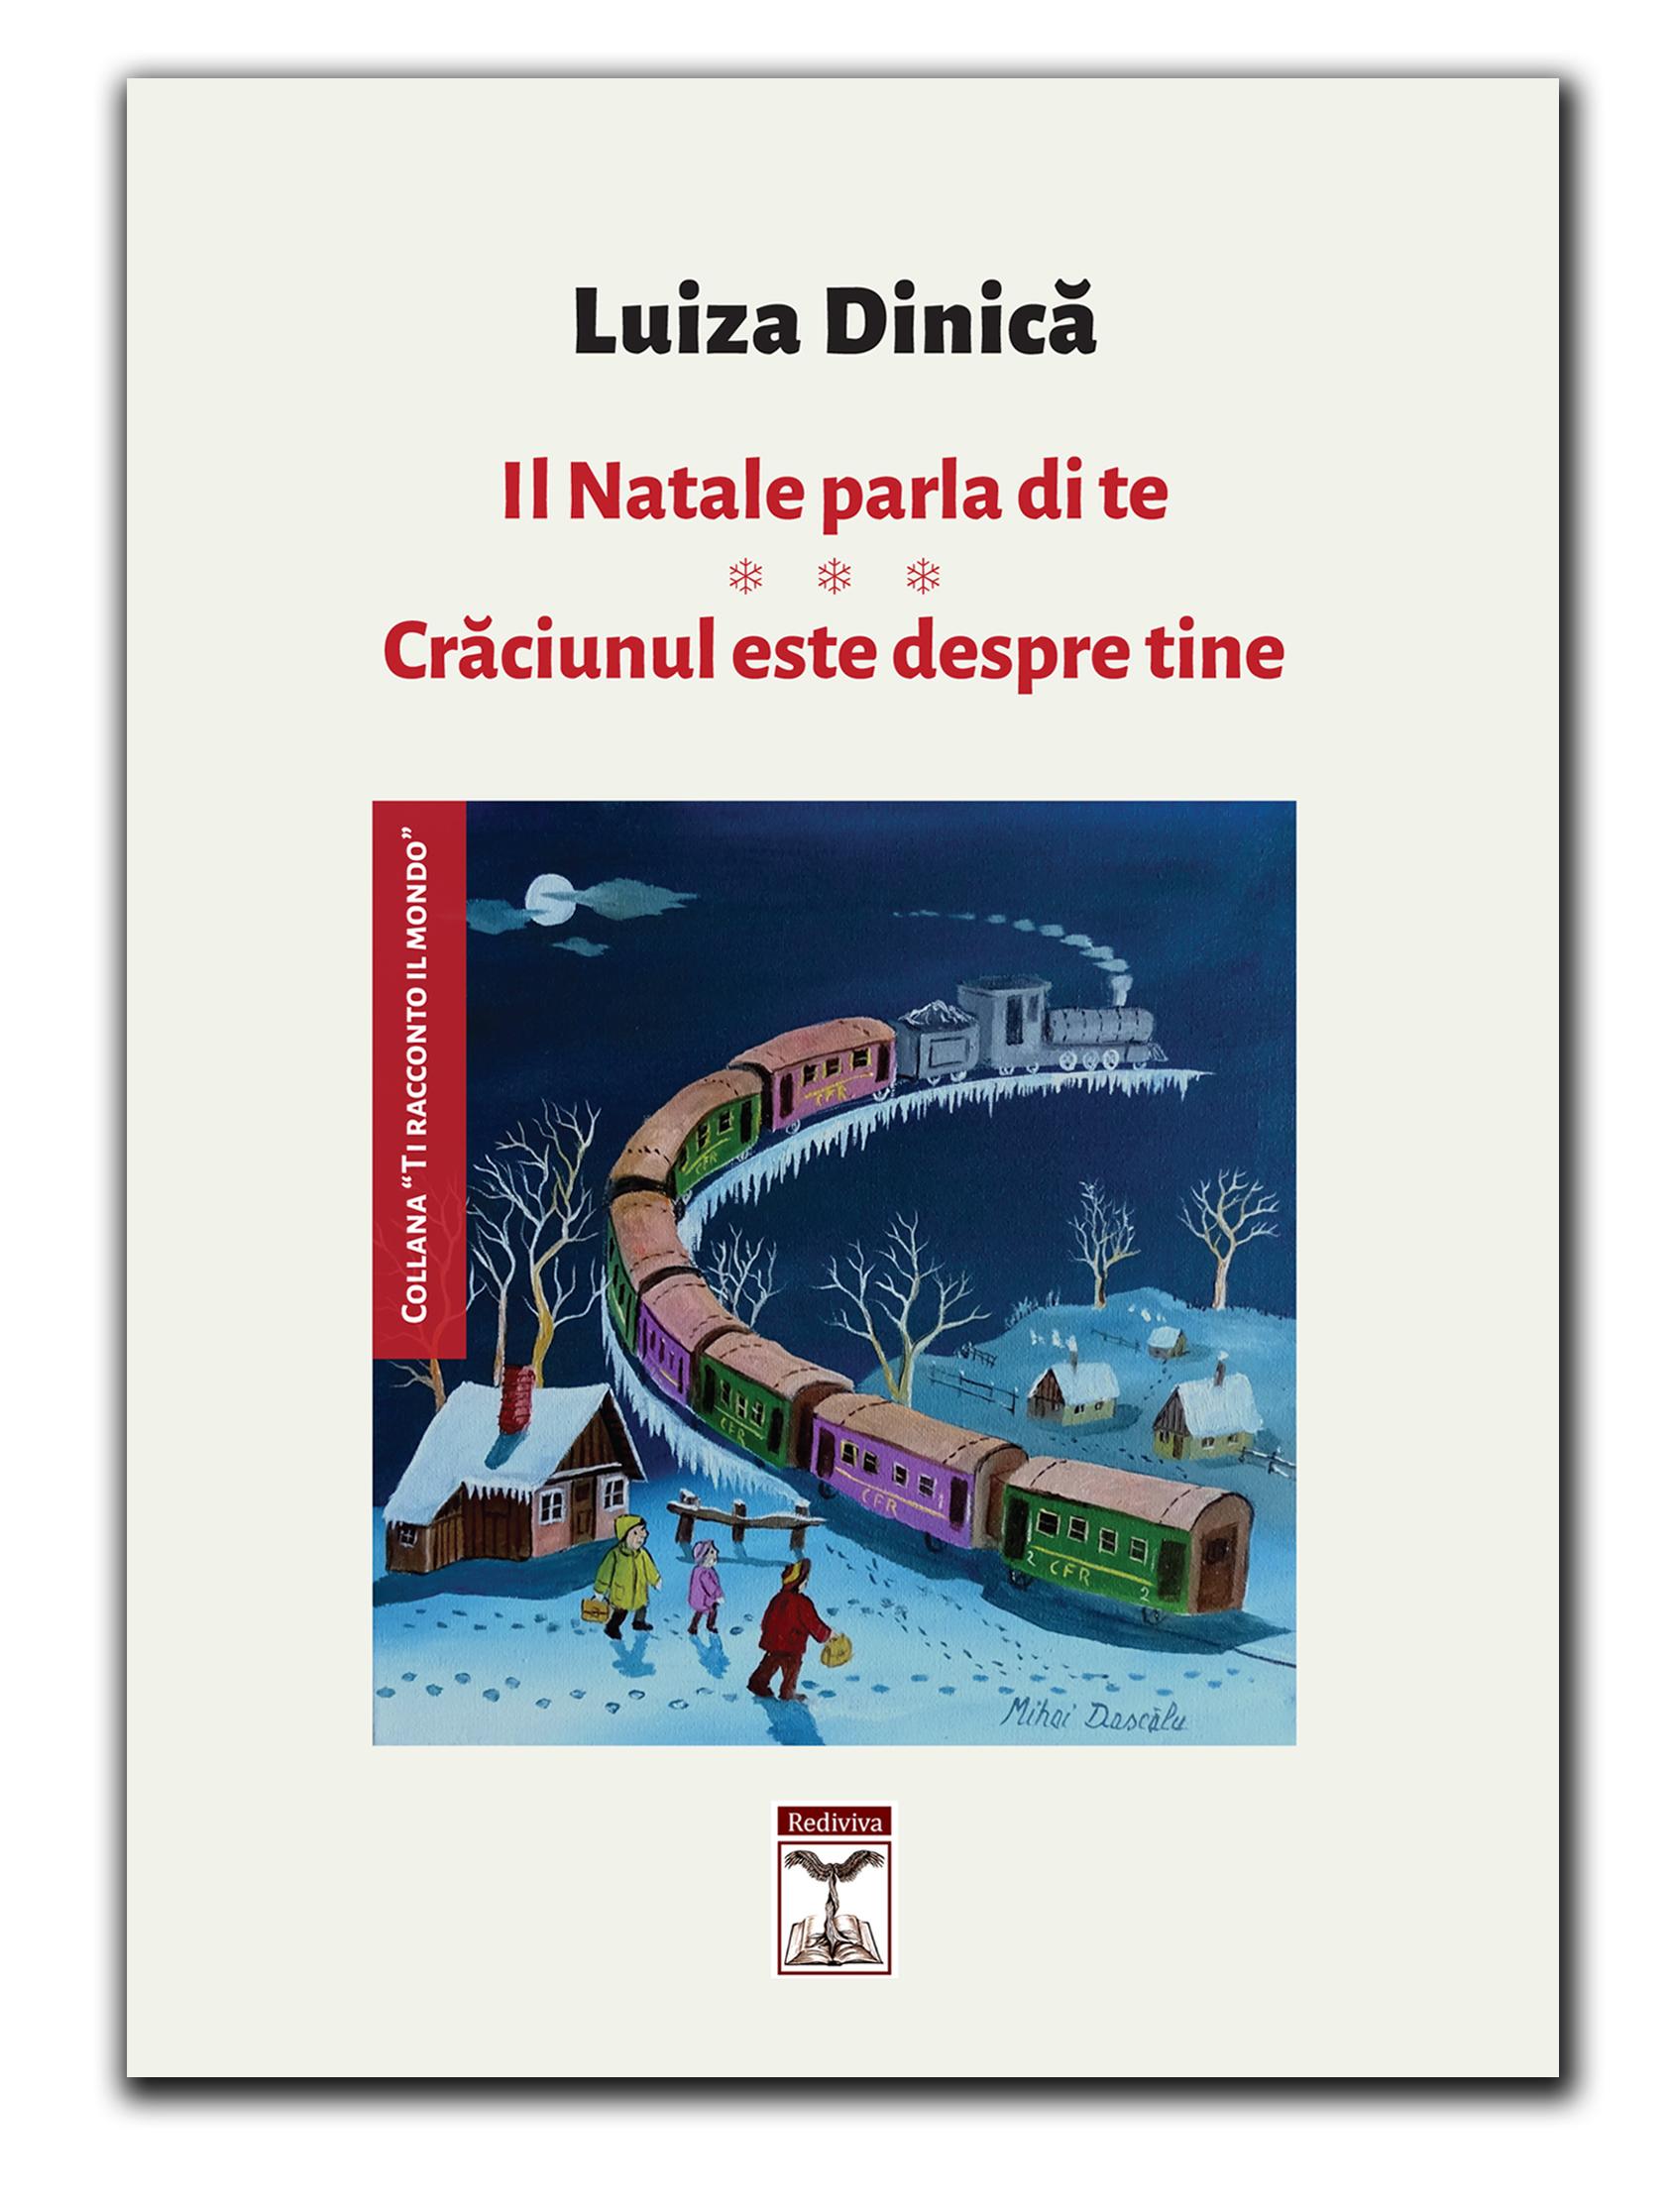 In uscita presso Rediviva: Il Natale parla di te/Crăciunul este despre tine di Luiza Dinică